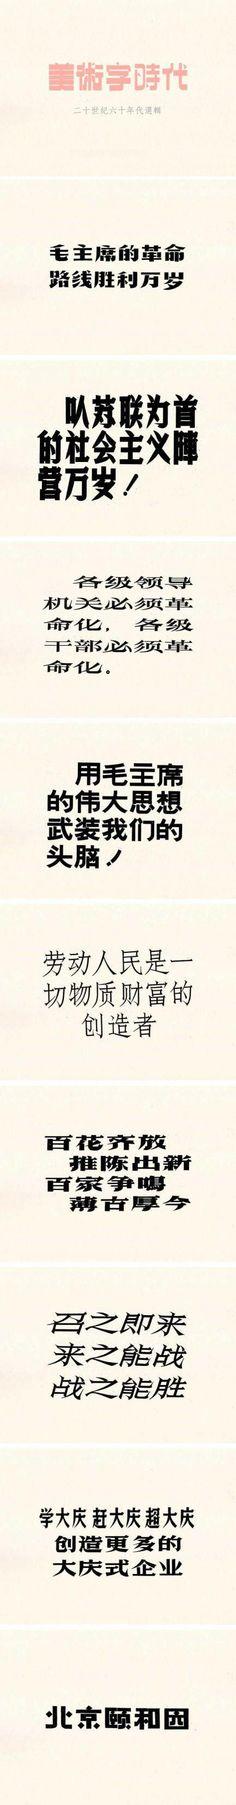 【美术字时代:二十世纪六十年代选辑】一组二十世纪六十年代的美术字选辑,来自设计师张弥迪的搜集。